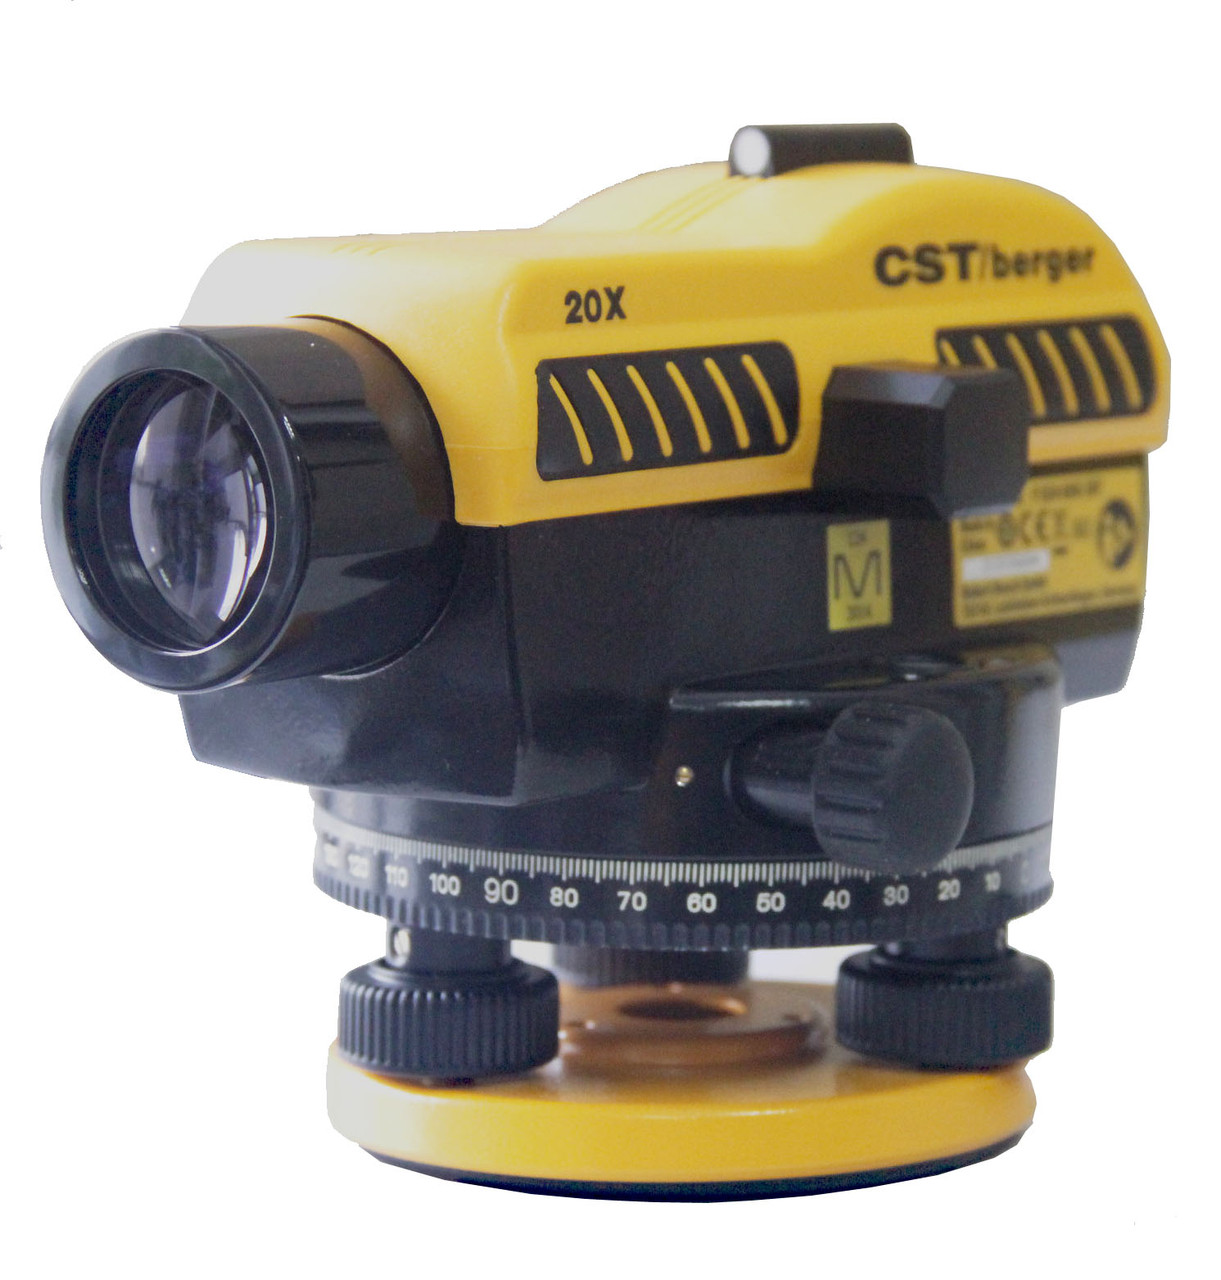 Оптический нивелир CST Berger SAL20ND F0340681N7